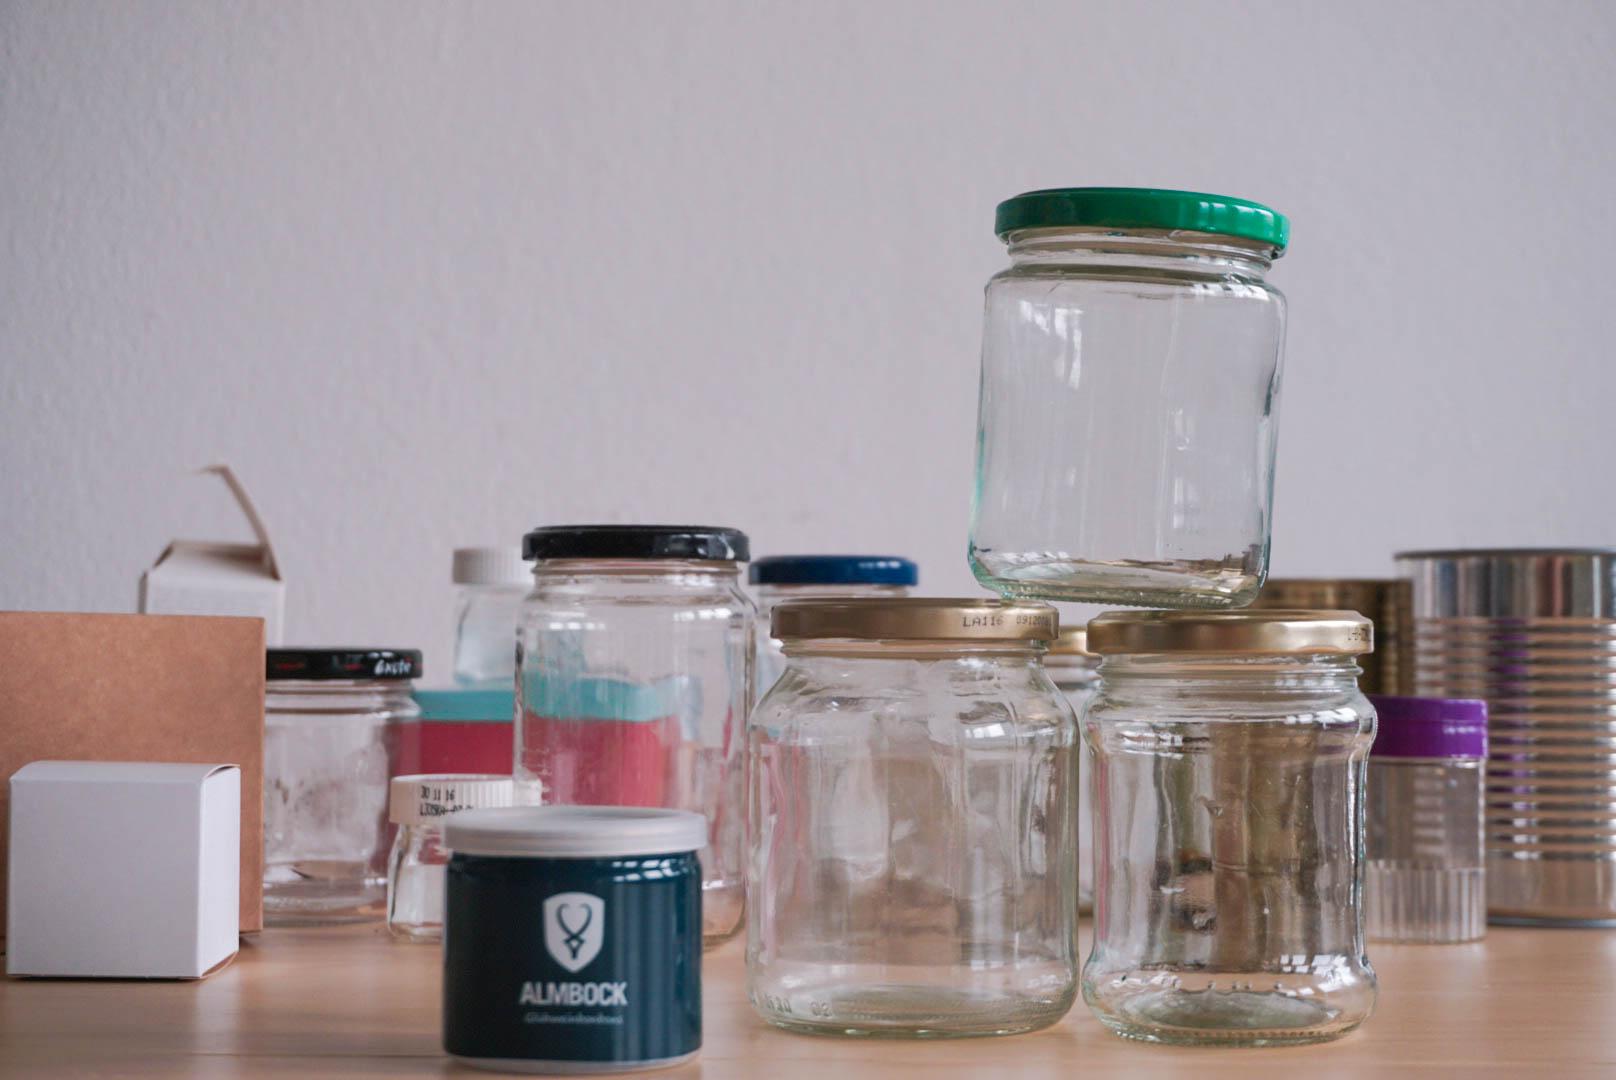 Gläser, Dosen und Schachteln als Basis für unserern Adventskalender.